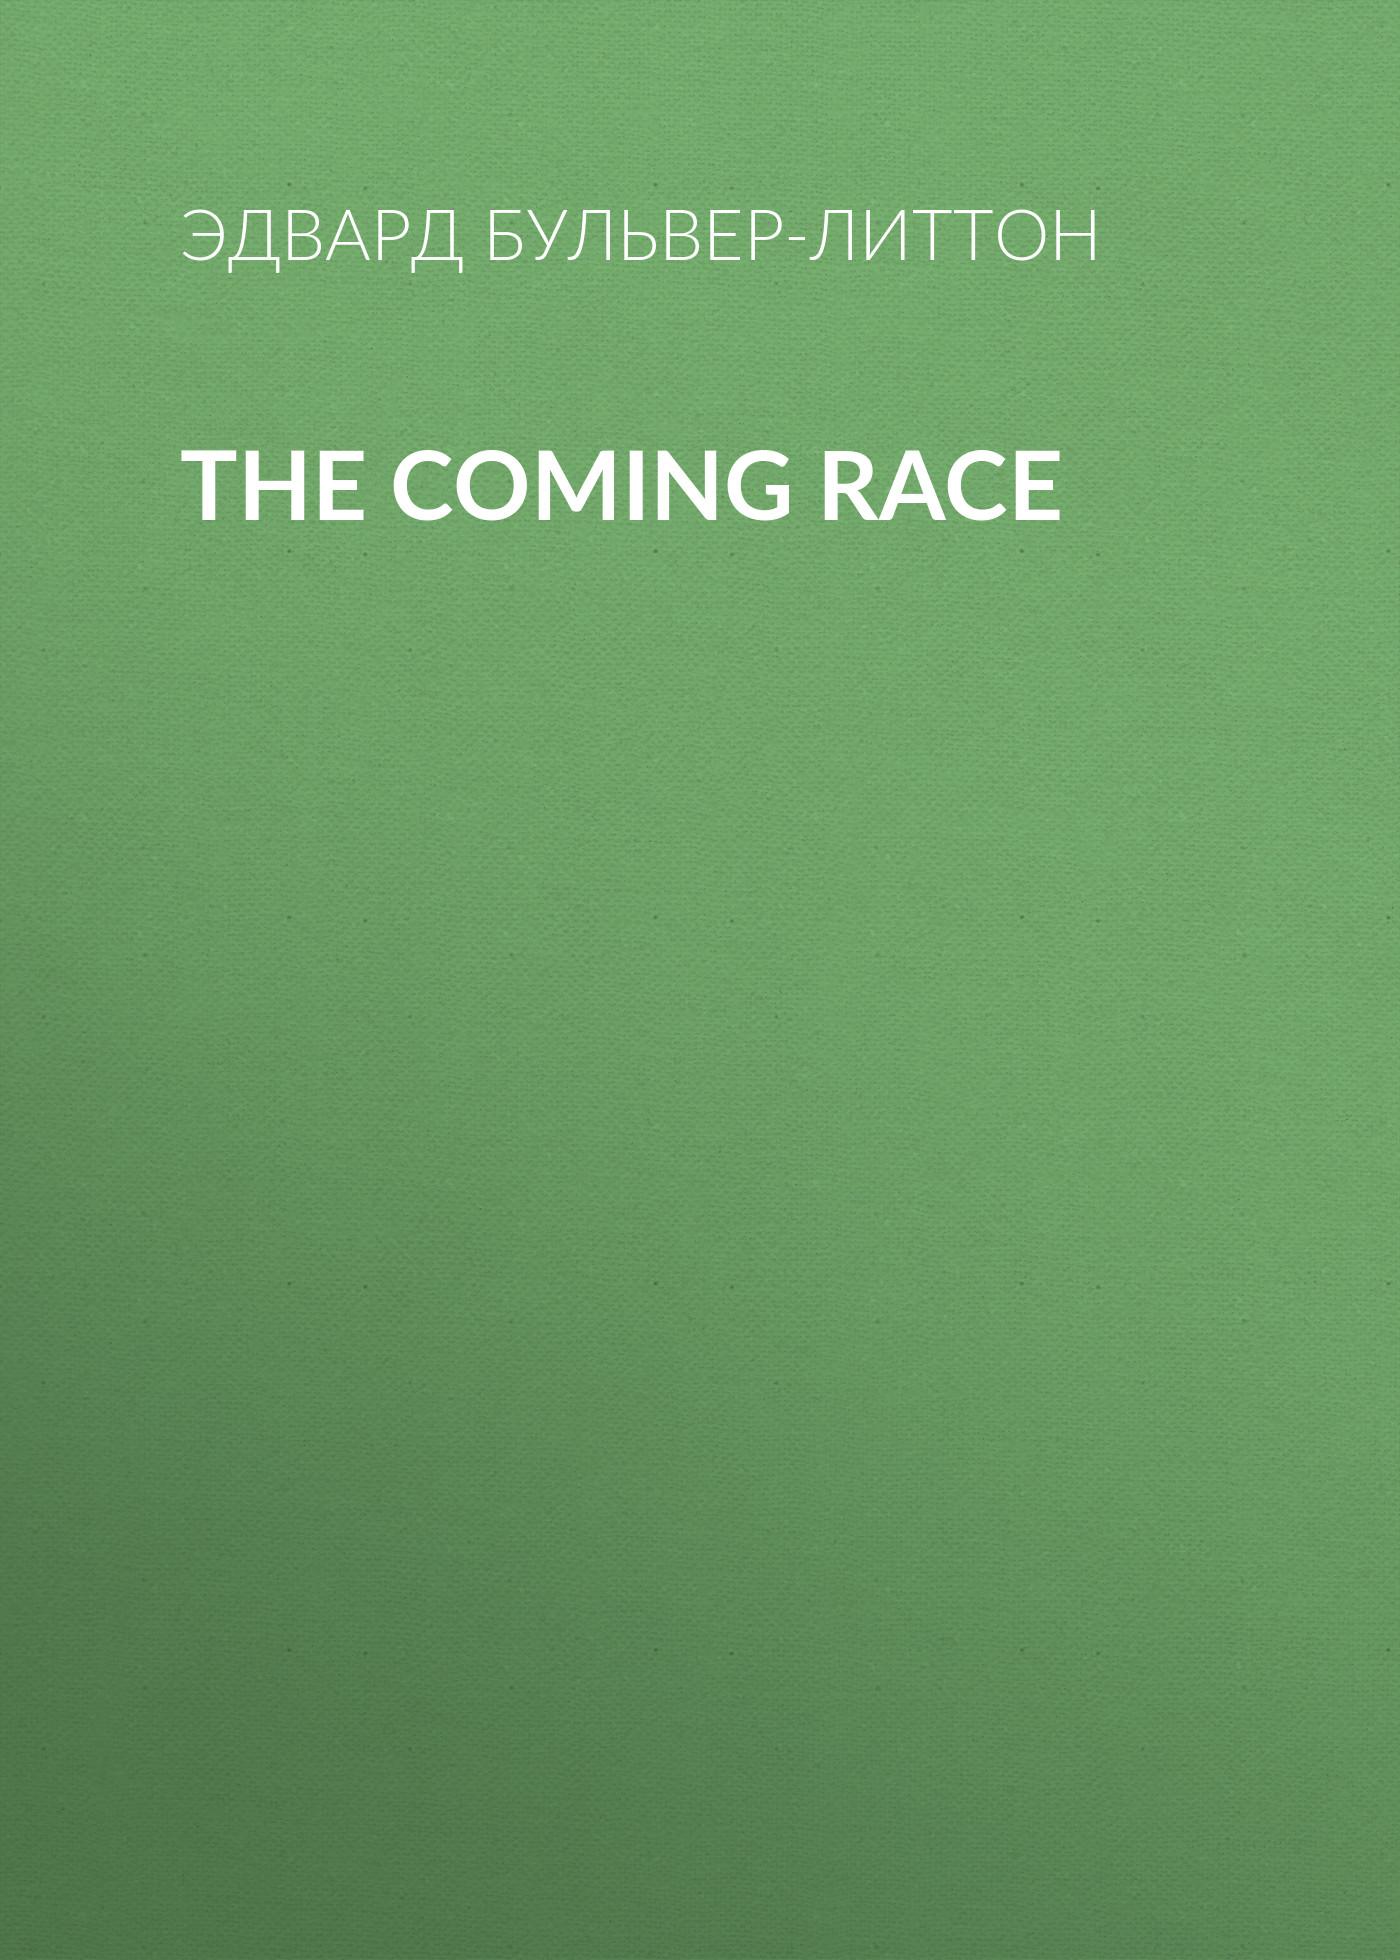 The Coming Race ( Эдвард Бульвер-Литтон  )